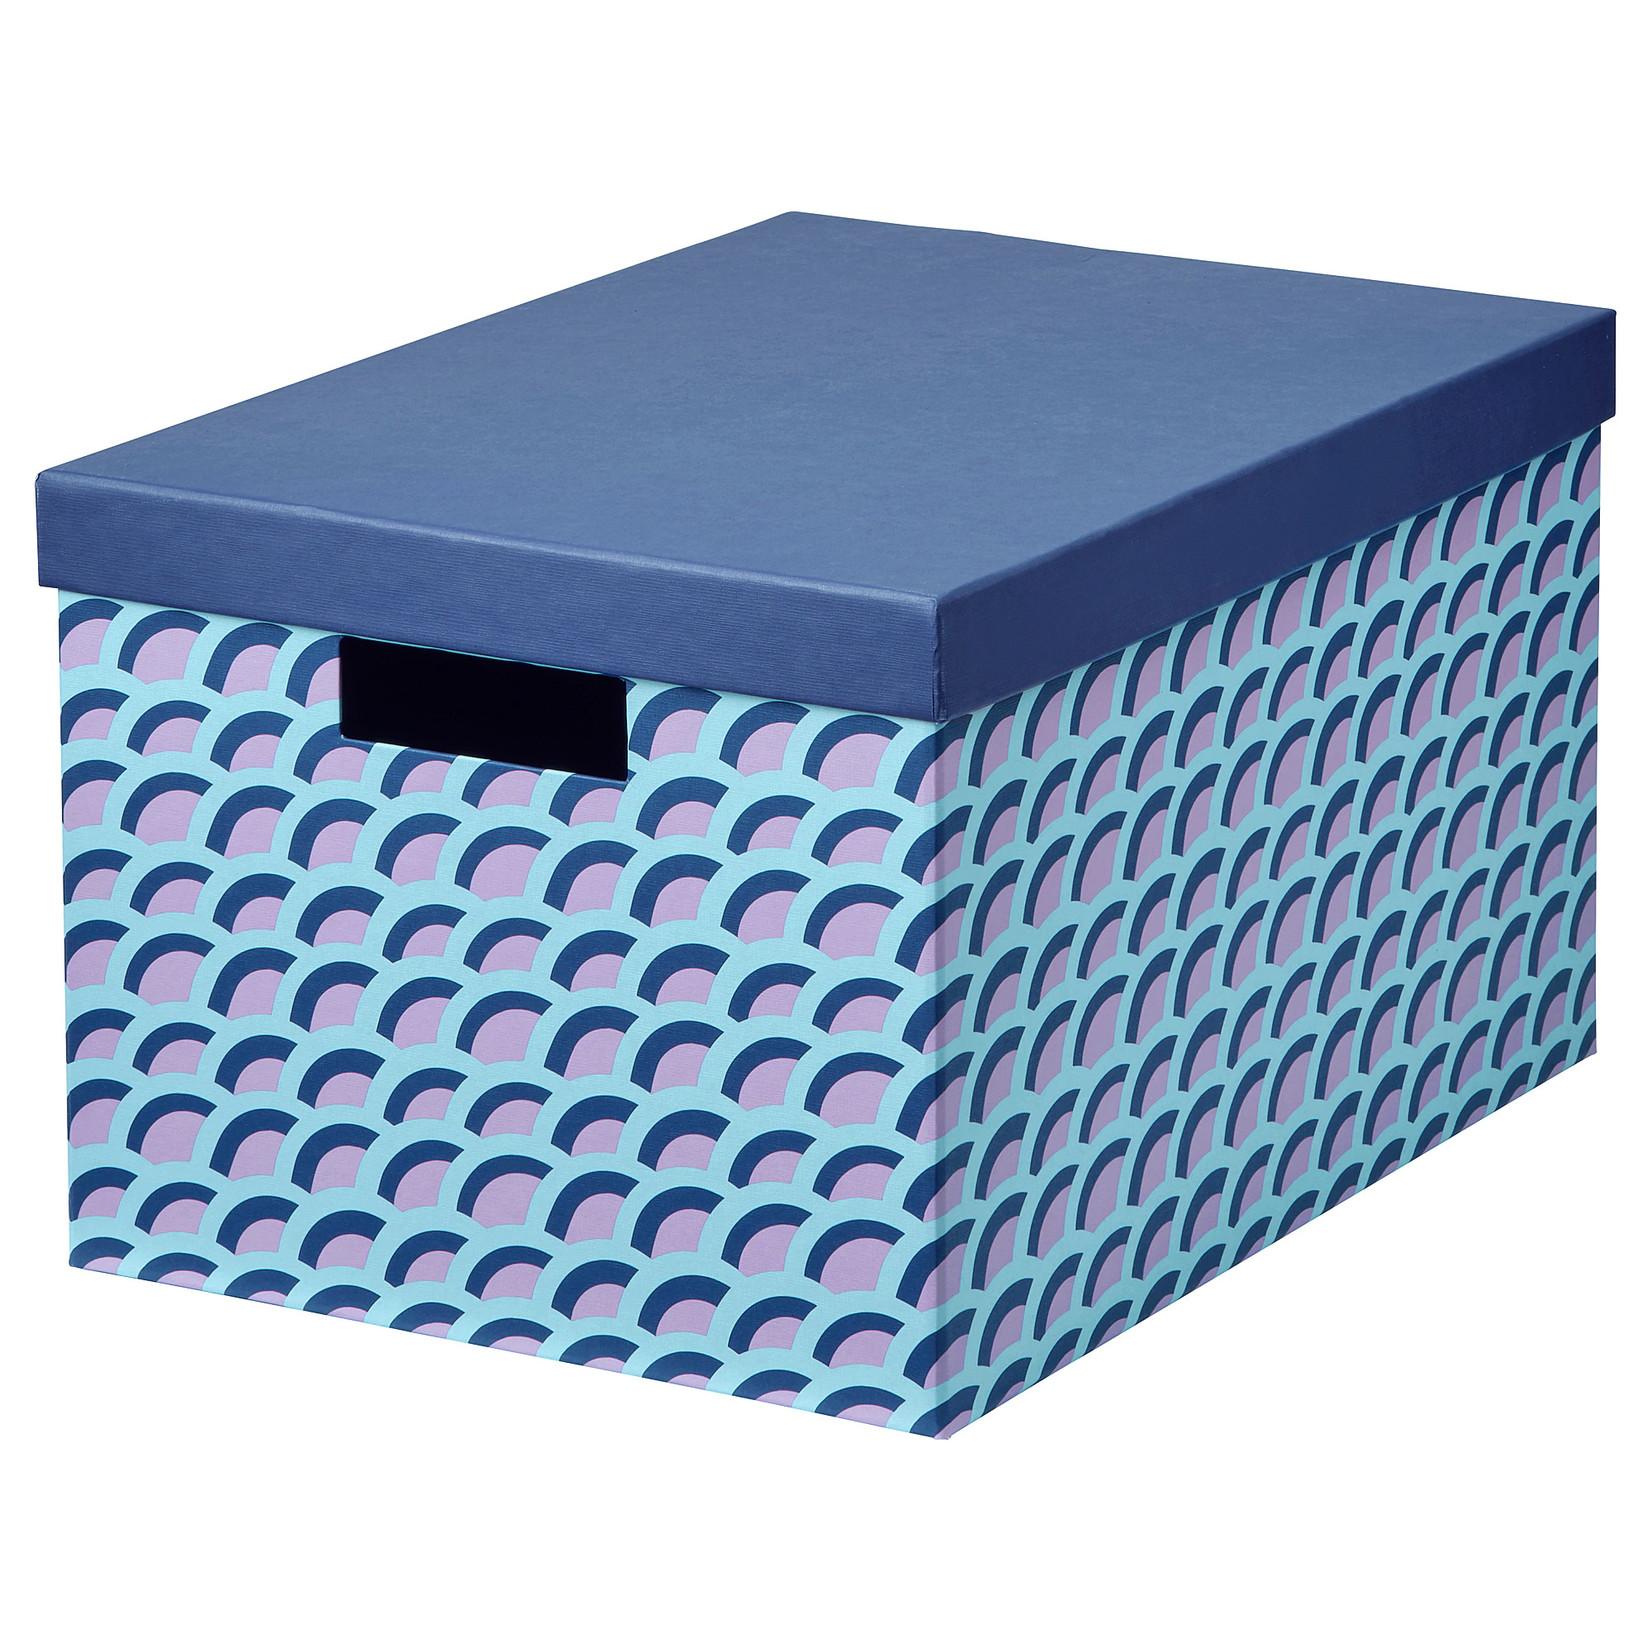 TJENA - Doos met deksel, blauw/veelkleurig25x35x20 cm